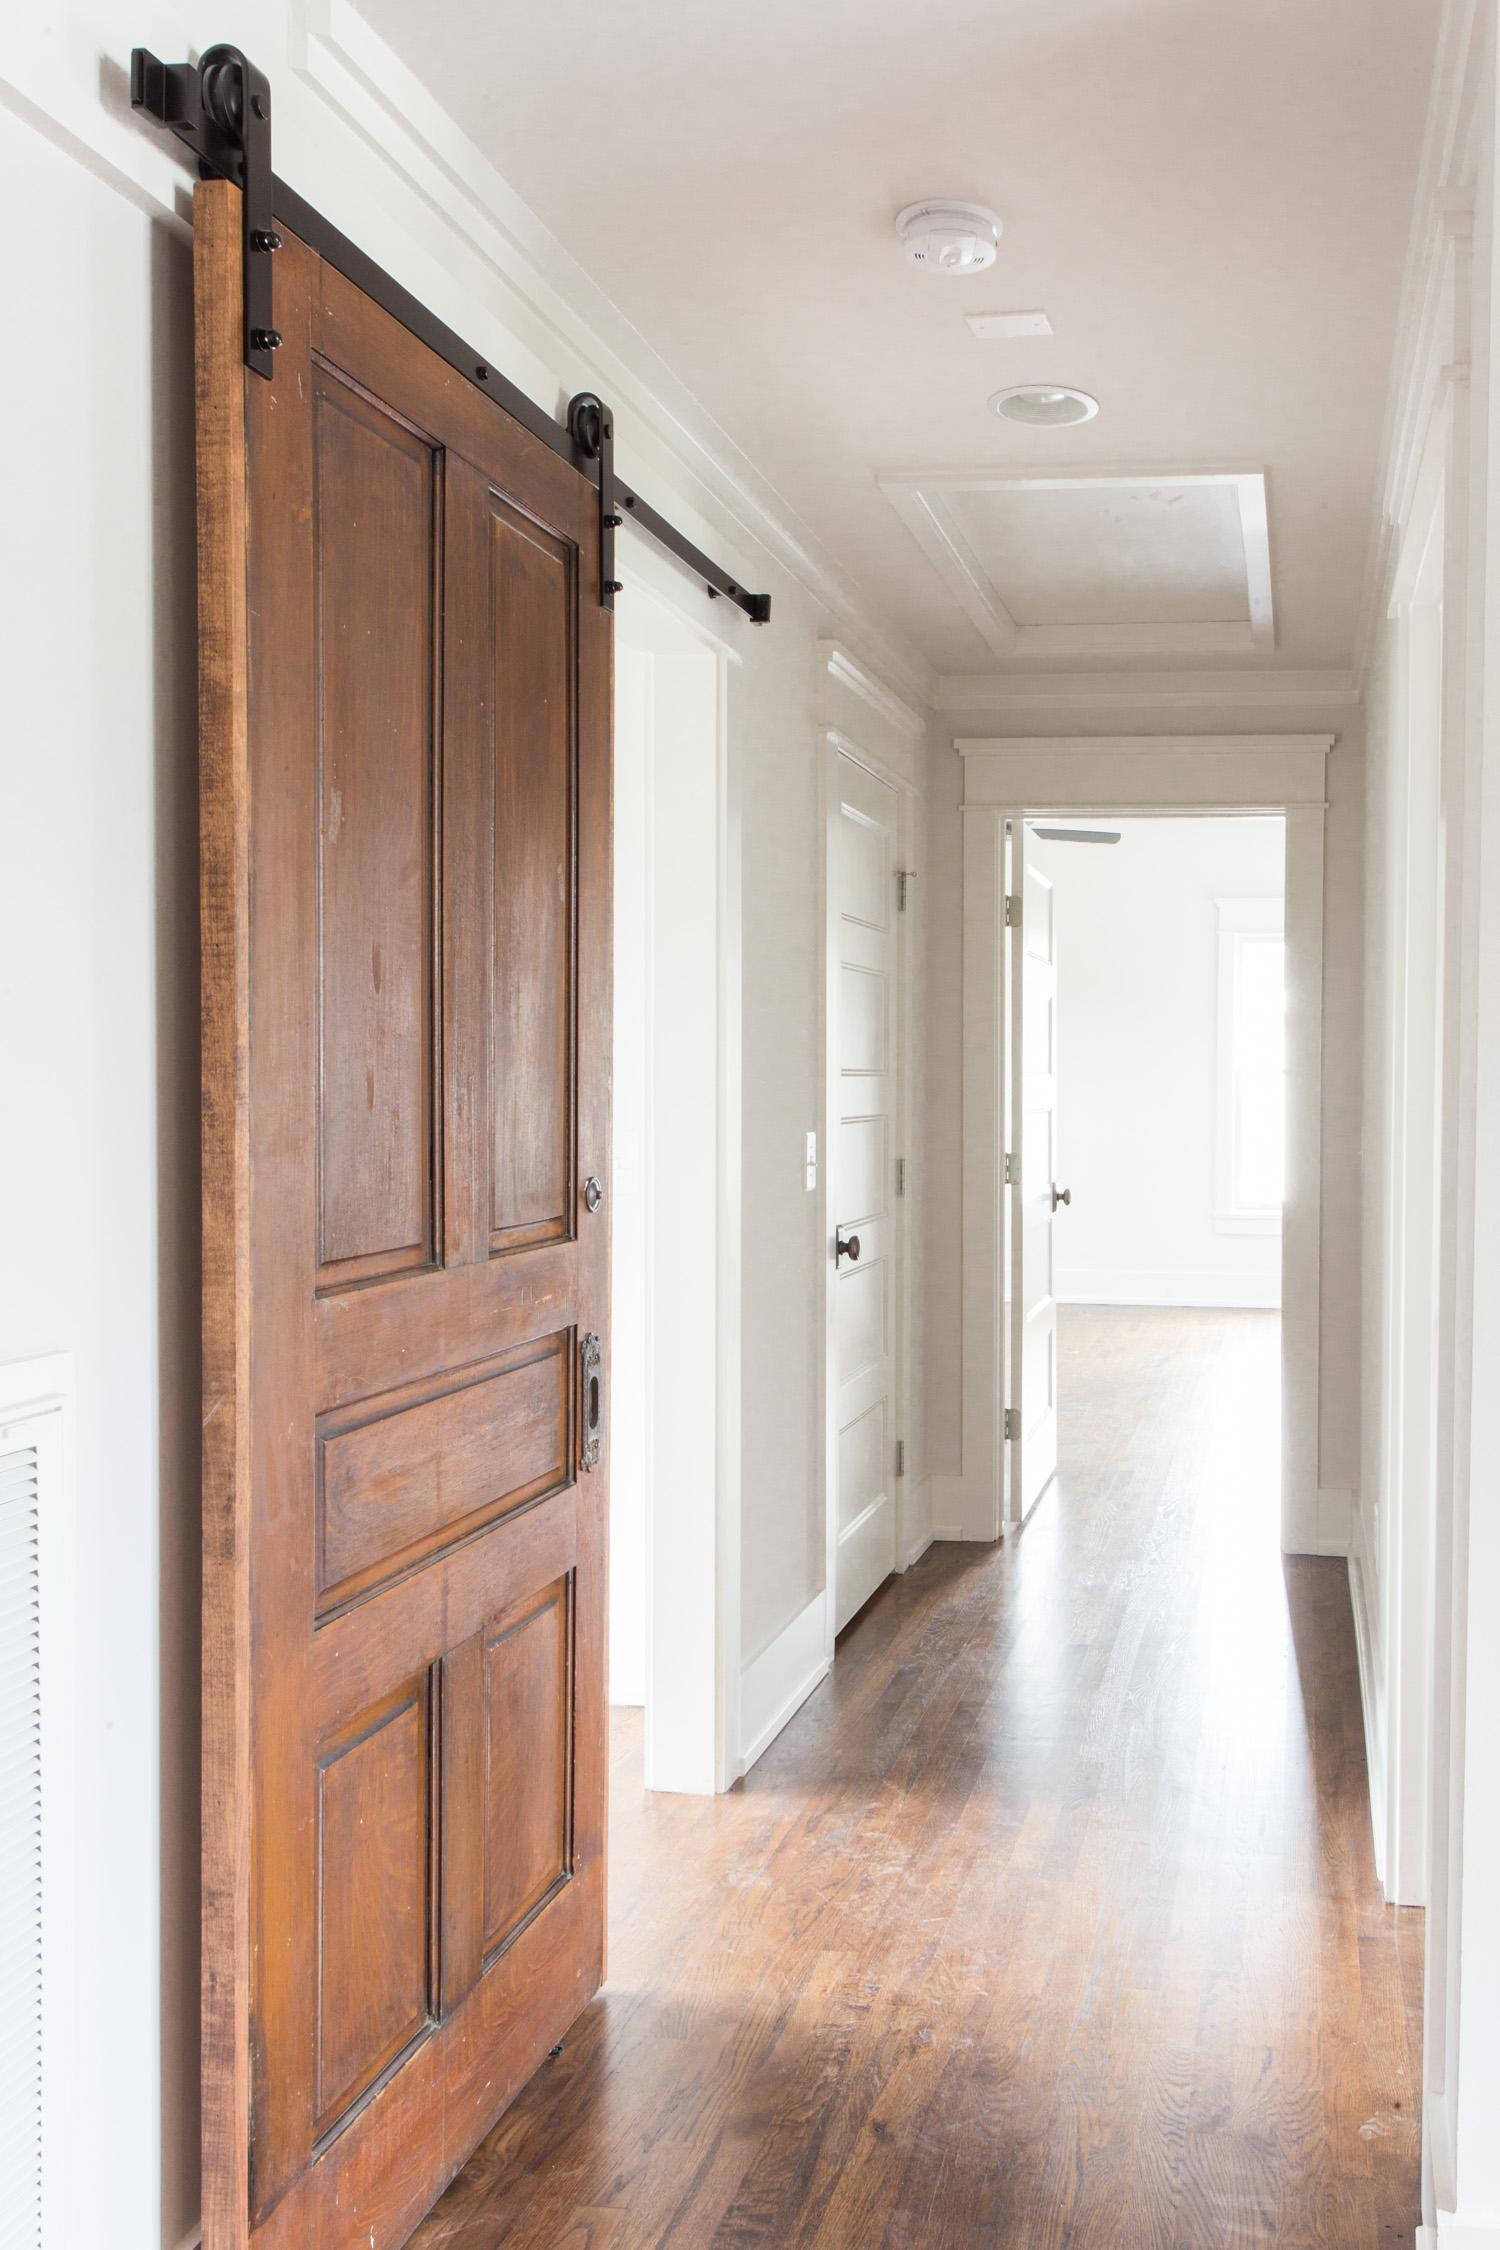 britt-development-group-nashville-tennessee-custom-home-builder-5770.jpg